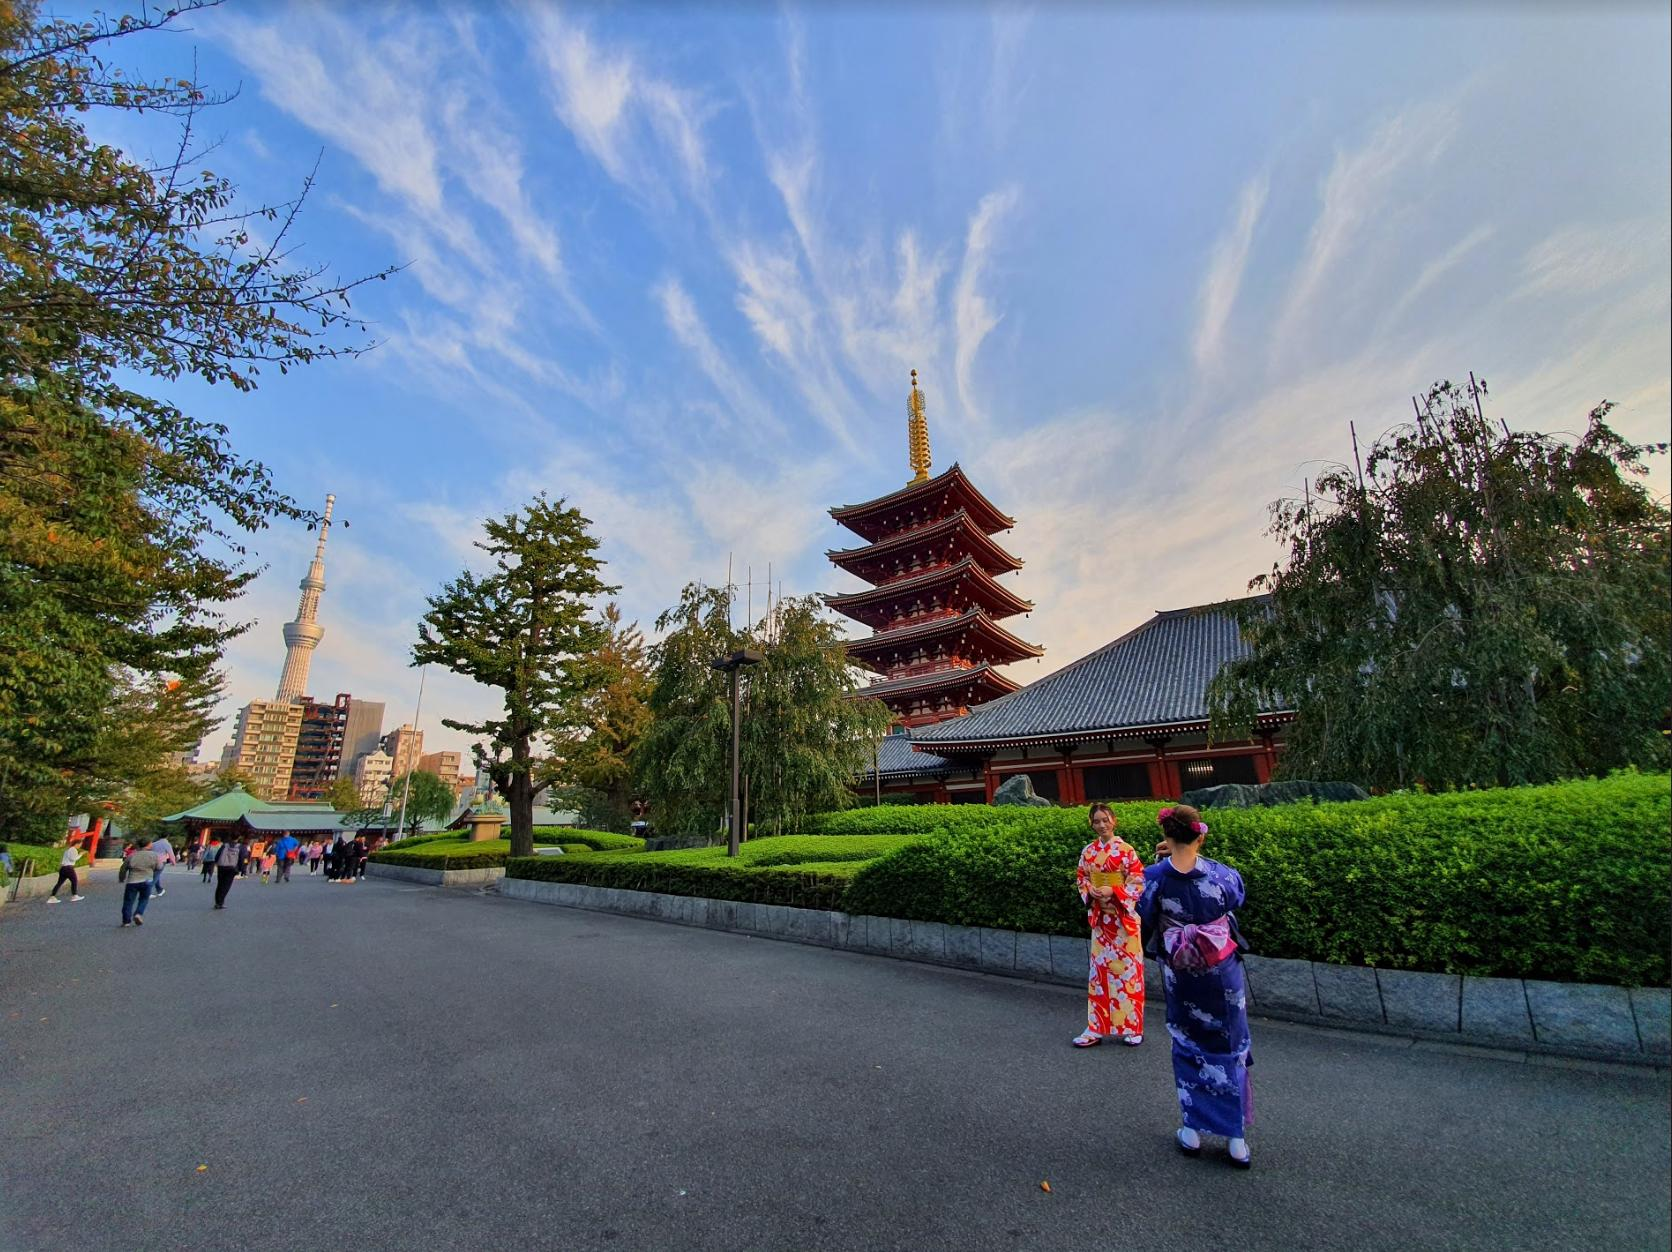 Vietjet nối lại đường bay quốc tế Nhật Bản, Thái Lan, Hàn Quốc, Đài Bắc 8